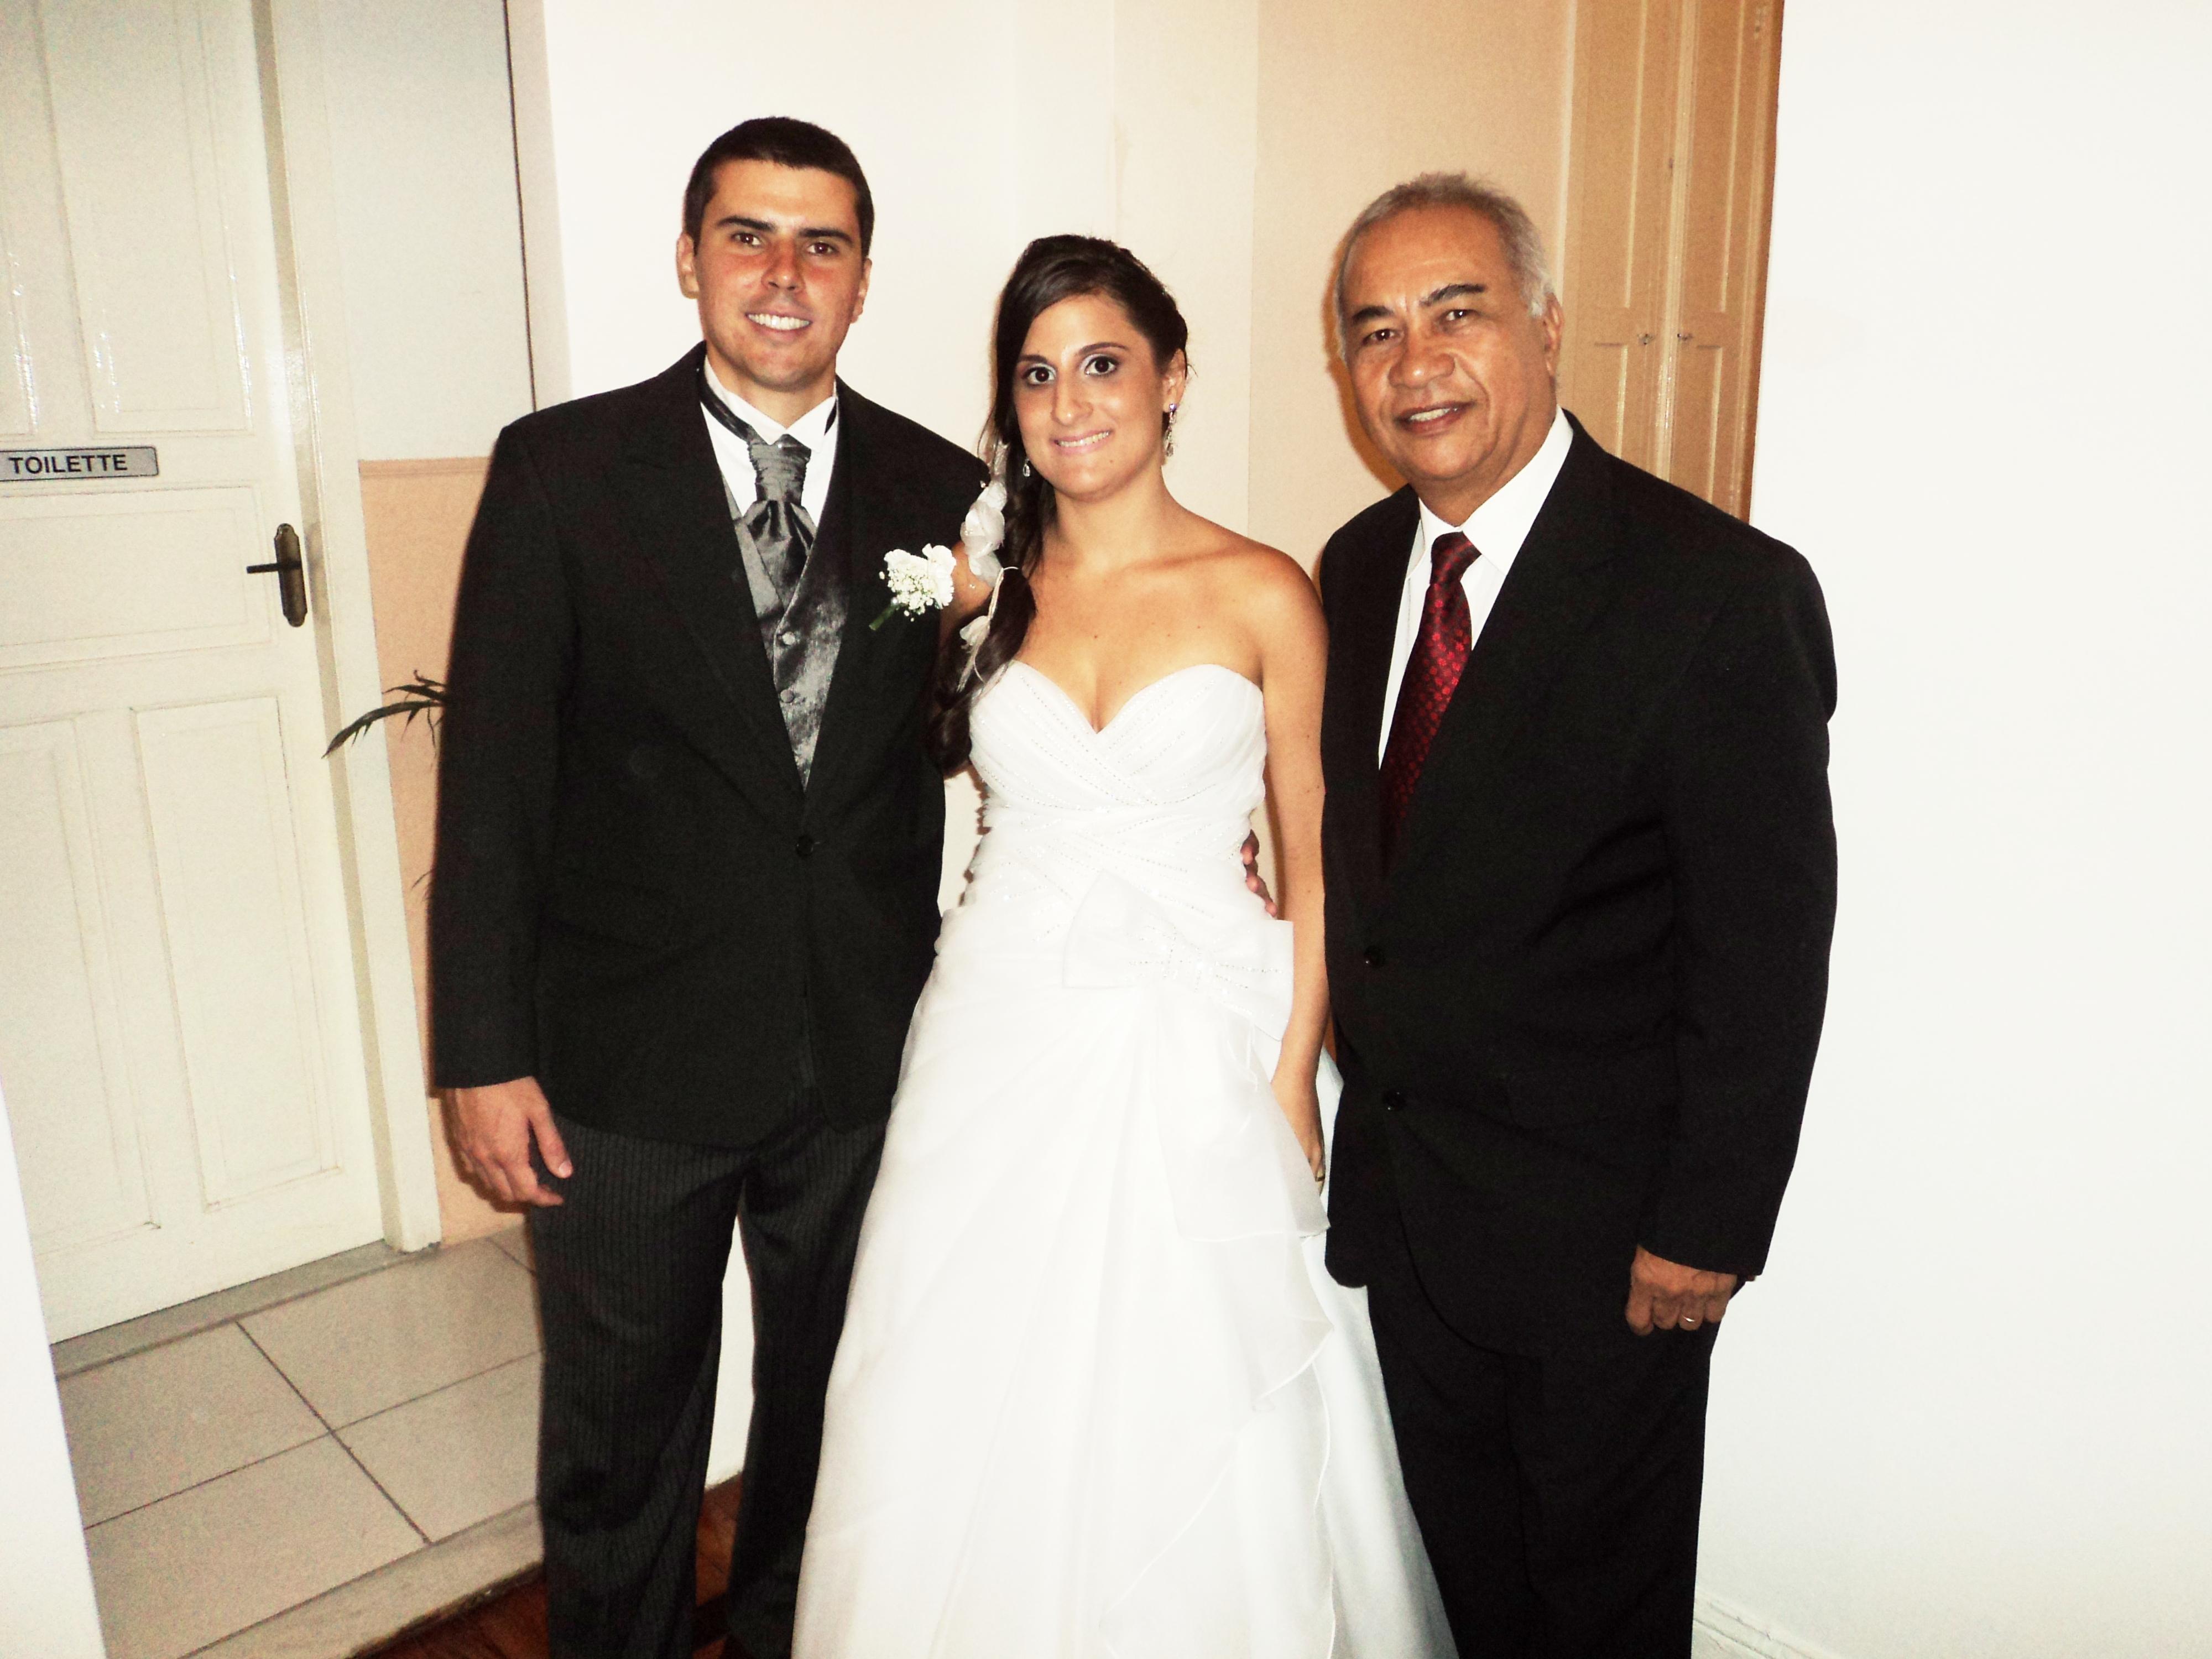 http://www.tuliopinhoeventos.com.br/wp-content/uploads/2012/10/foto-dos-noivos-Tales-e-Natália-com-T´úlio-8.3.14.jpg